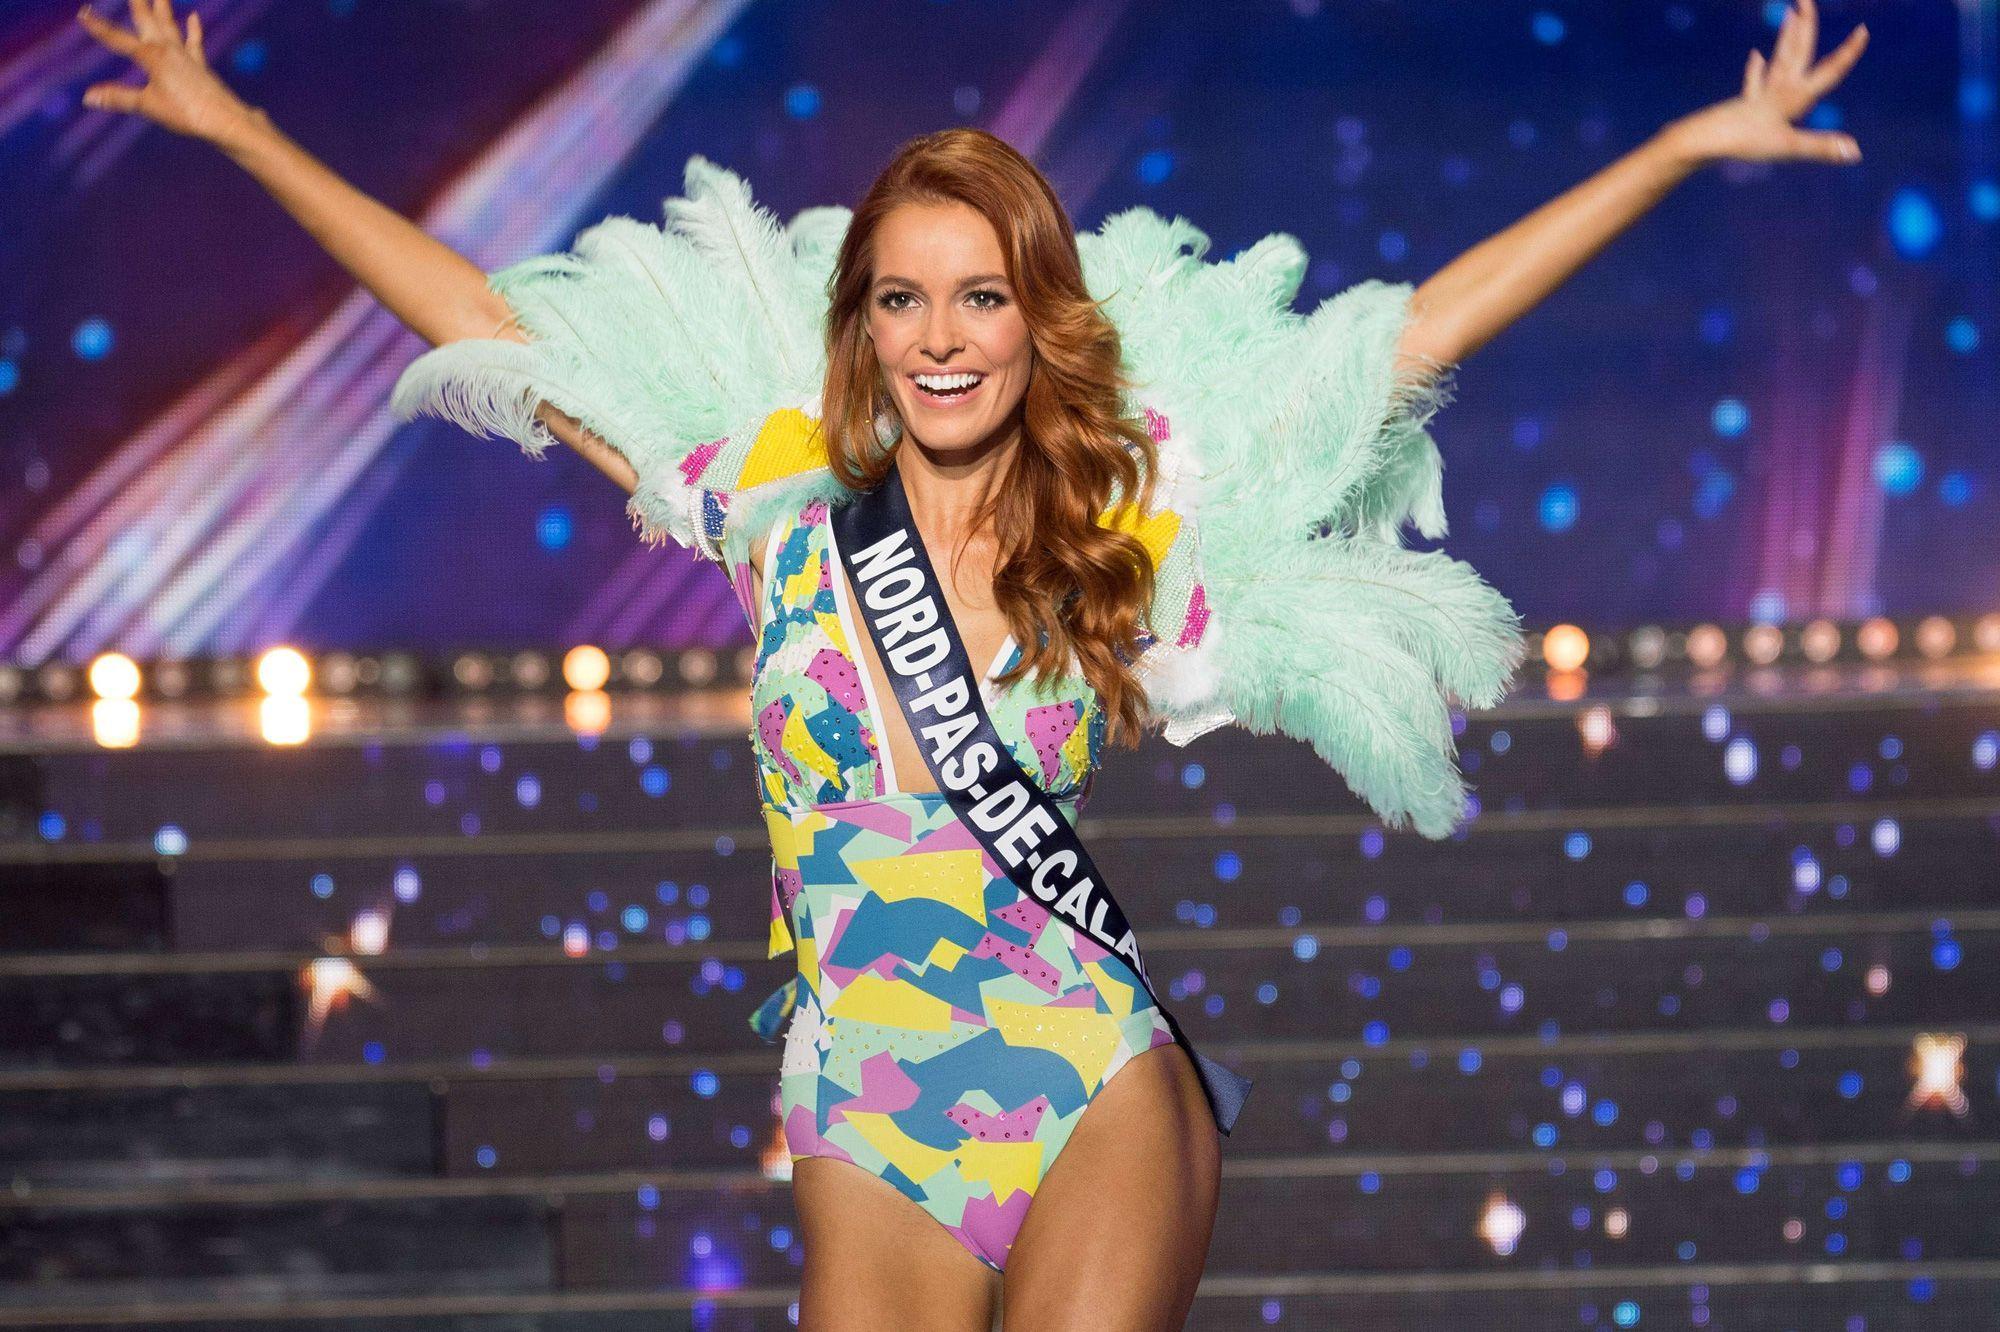 """Maëva Coucke le coeur pendant son année Miss France : """"Ce garçon s'est énormément moqué de moi"""""""